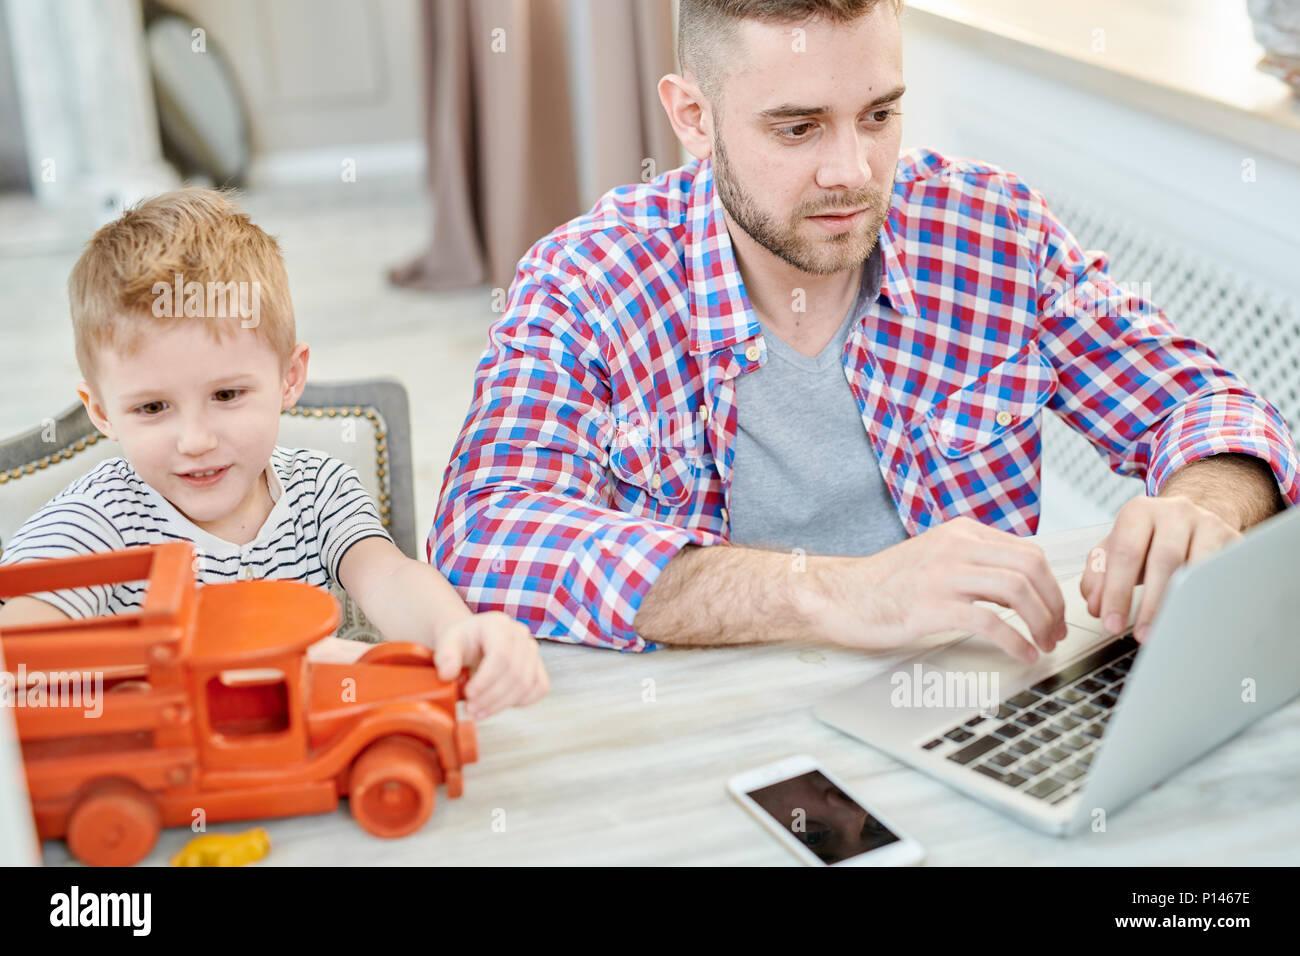 Jeune père de famille travaillant à la maison Photo Stock